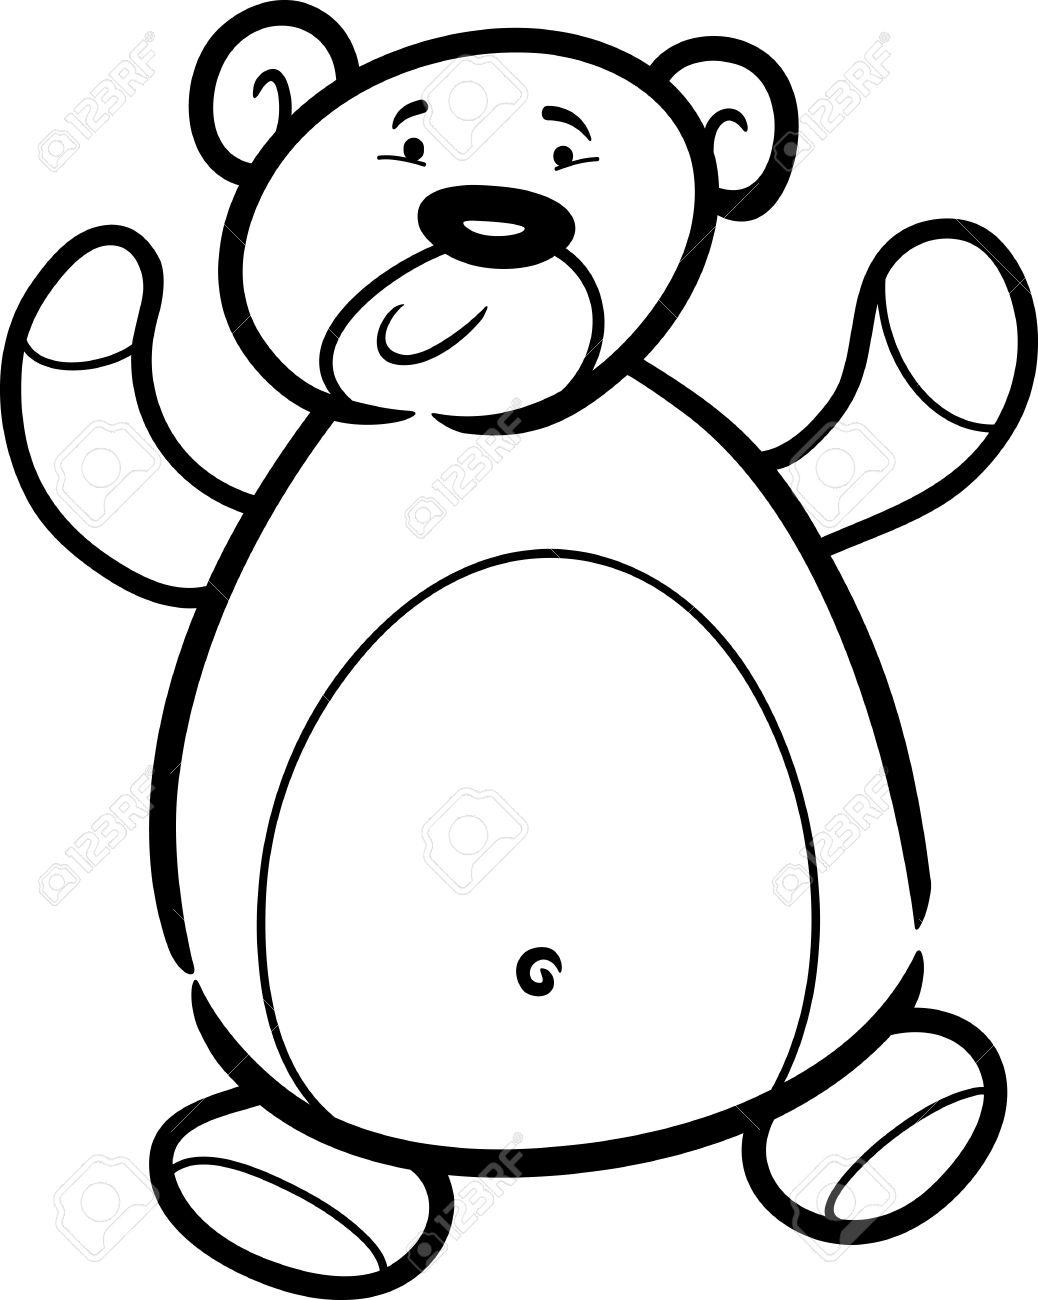 Cartoon Illustration Von Cute Teddy Bear Spielzeug Für Malbuch ...